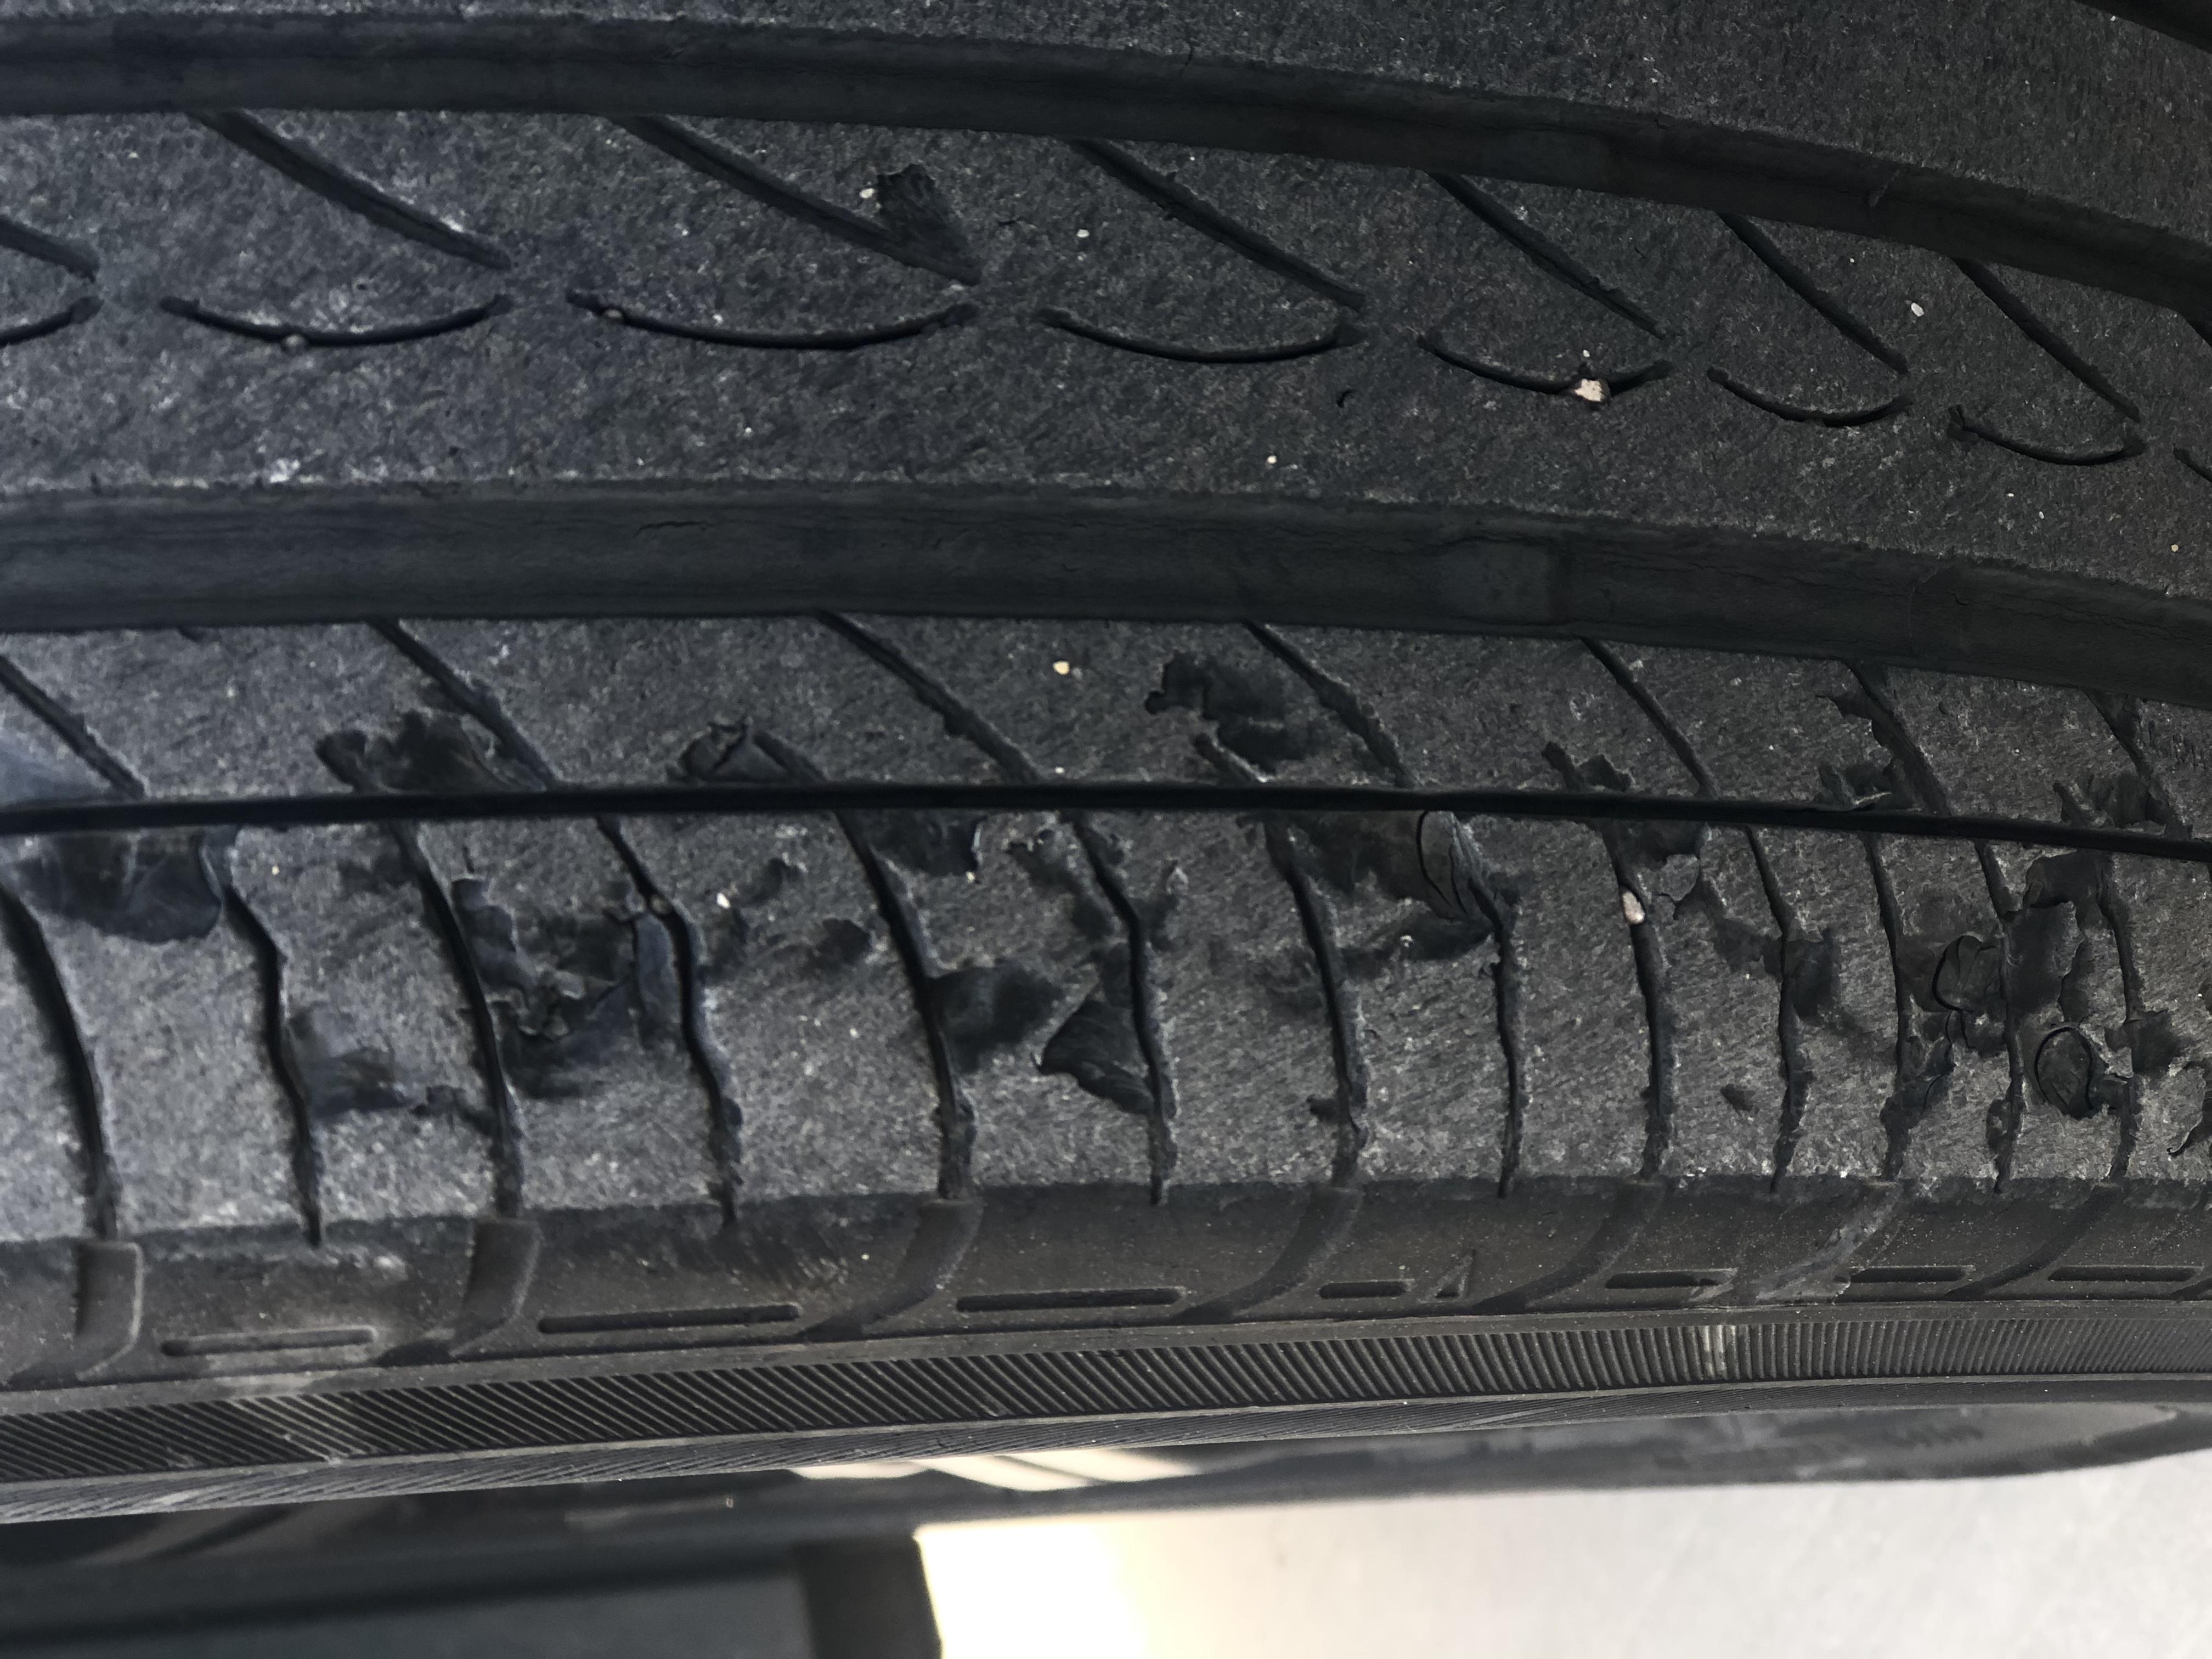 本田-思域原厂自带优科豪马横滨轮胎严重质量问题,拿消费者生命当儿戏,请厂家高度重视!